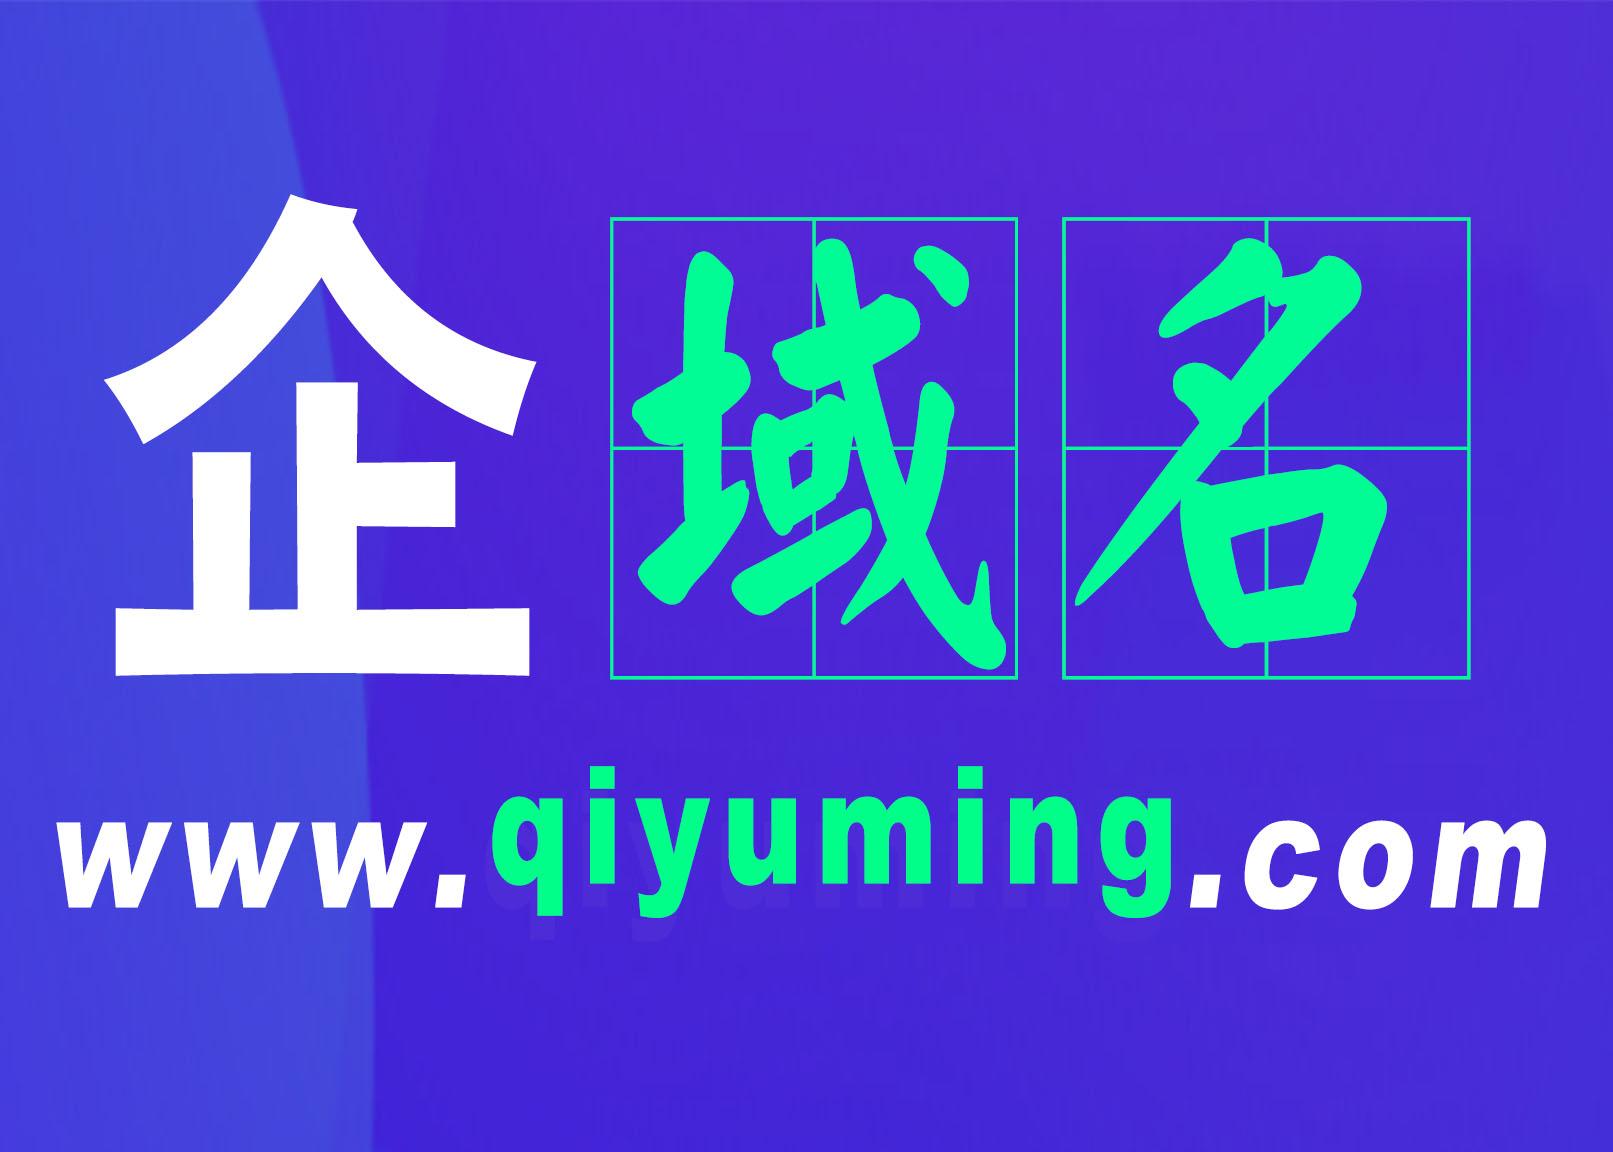 """【三拼成交】游戏域名登顶!头条系列三拼域名""""toutiaoqun.com""""3万成交!"""